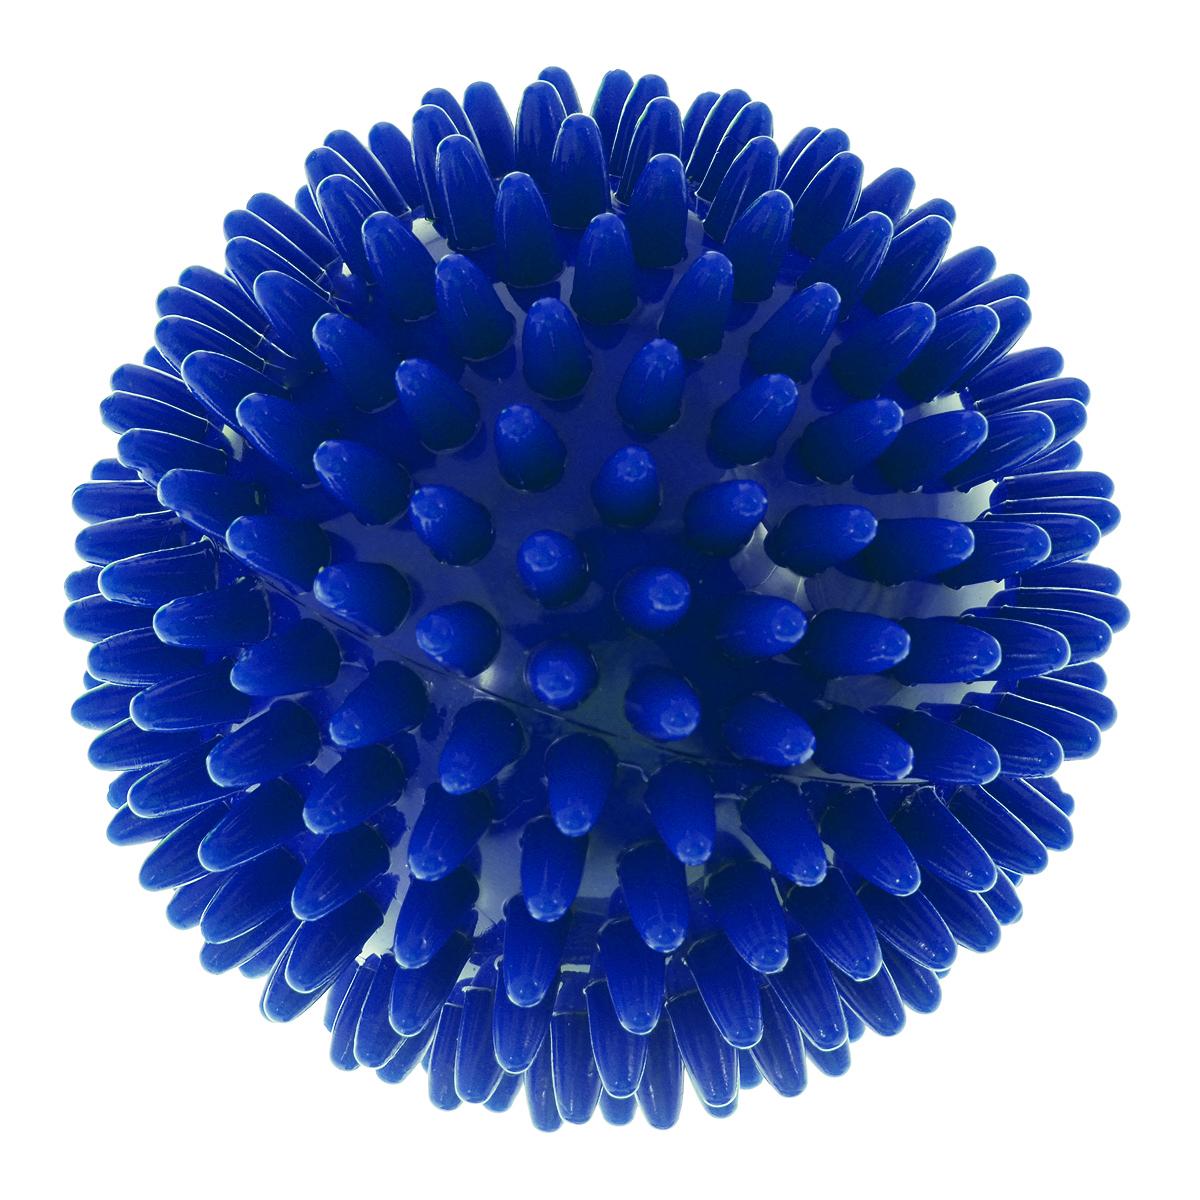 Игрушка для собак V.I.Pet Массажный мяч, цвет: синий, диаметр 8 см198YEXИгрушка для собак V.I.Pet Массажный мяч, изготовленная из ПВХ, предназначена для массажа и самомассажа рефлексогенных зон. Она имеет мягкие закругленные массажные шипы, эффективно массирующие и не травмирующие кожу. Игрушка не позволит скучать вашему питомцу ни дома, ни на улице.Диаметр: 8 см.